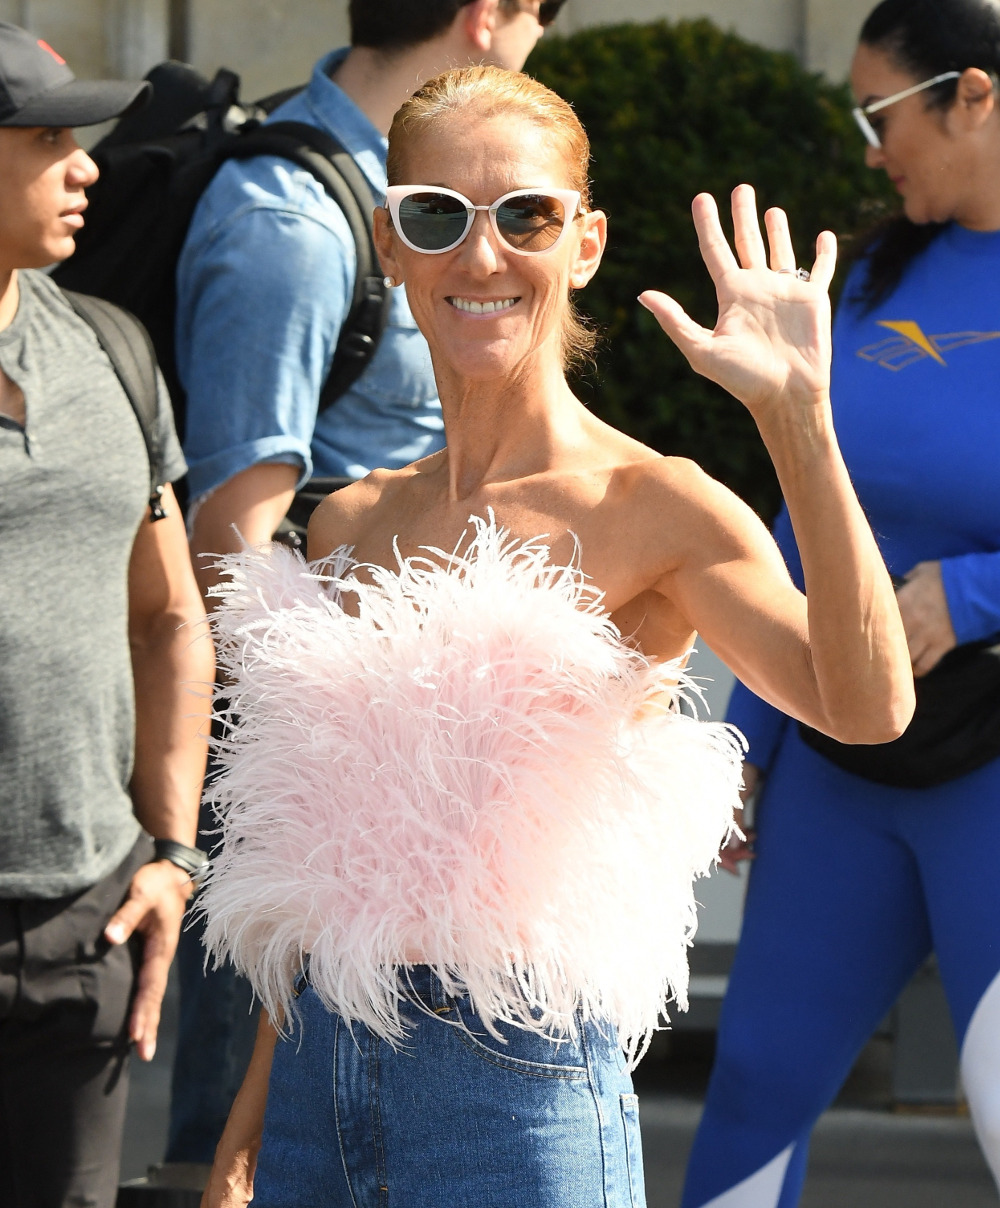 Η διάσημη τραγουδίστρια φόρεσε το τζιν παντελόνι όπως μόνο αυτή θα μπορούσε